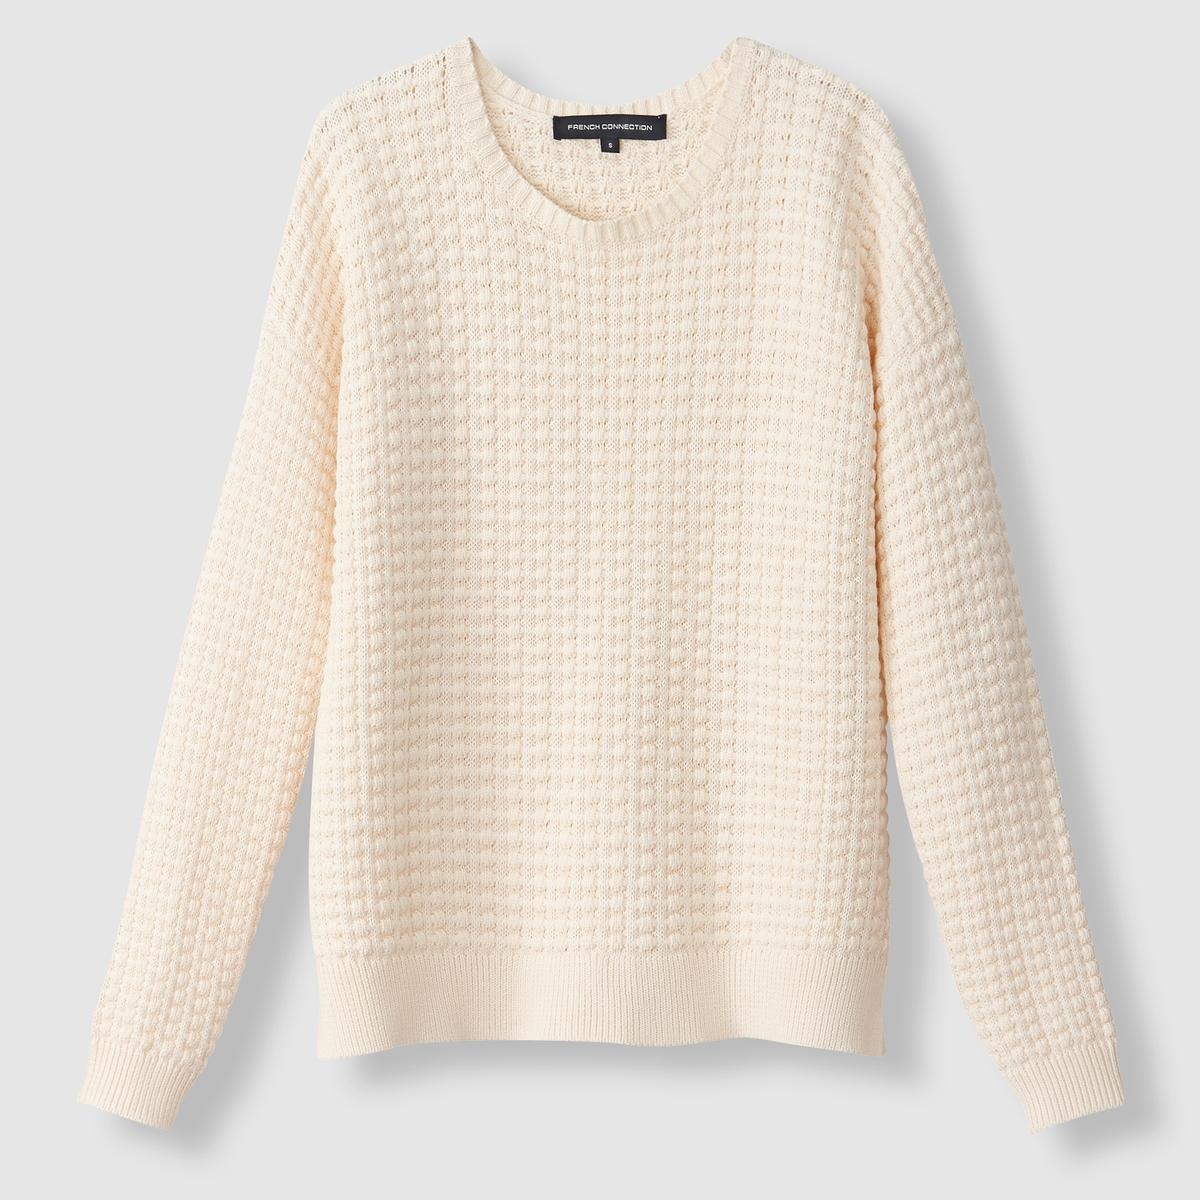 Пуловер хлопковый, вязаный трикотажСостав и описание : Материал : 100% хлопка.Марка : French Connection<br><br>Цвет: кремовый<br>Размер: M